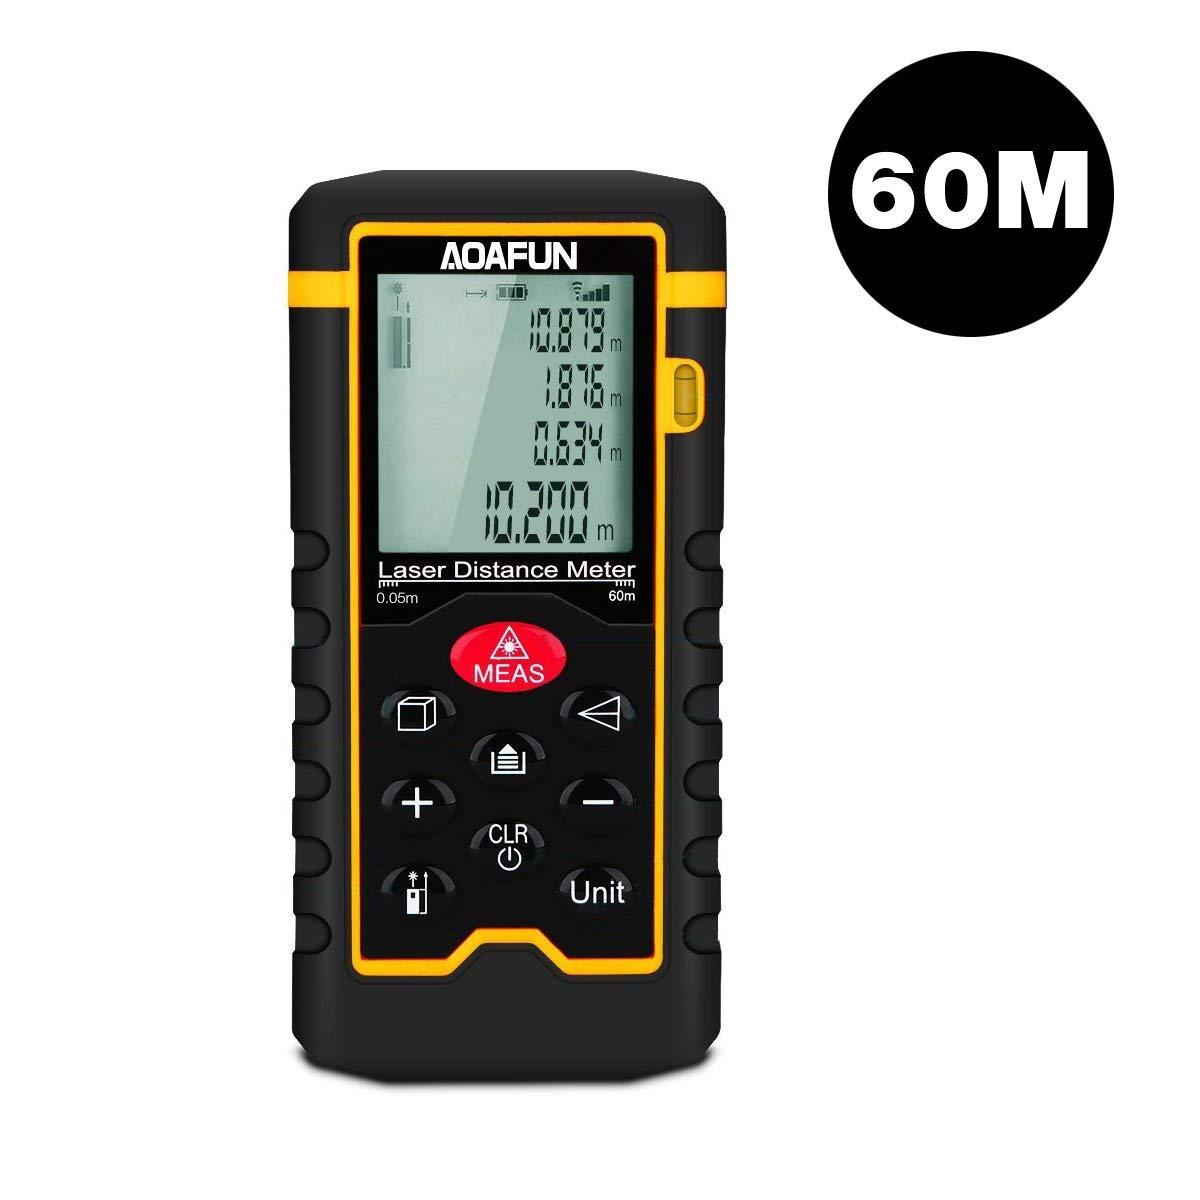 Test et Avis : Aoafun AFAT010, un télémètre laser pas cher !